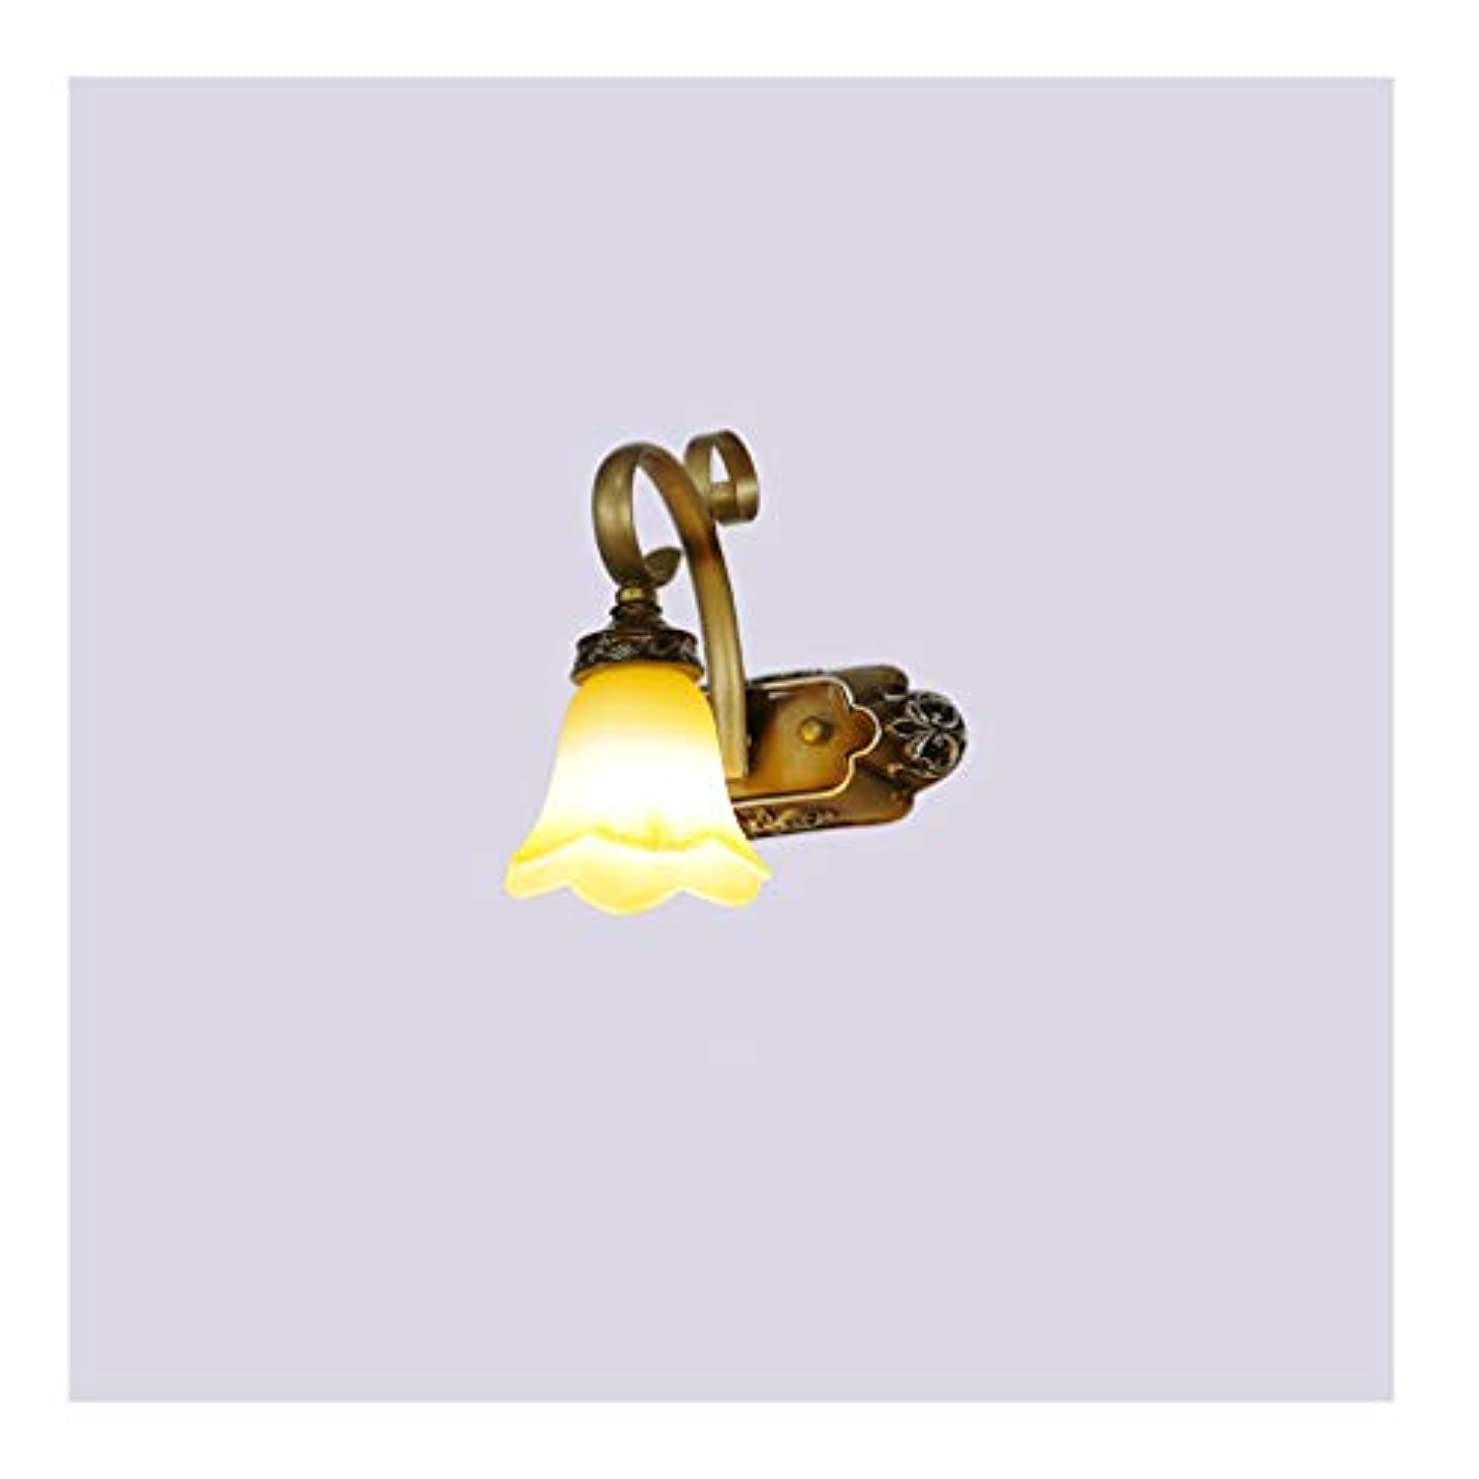 再生夜明けにピーク鏡ミラーライト LEDバスルームミラーヘッドライト洗濯、化粧台ランプ、化粧ランプ、ヨーロッパの古典的な、ミラーキャビネットライト [エネルギークラスA ++] (Color : A, Size : One heads)